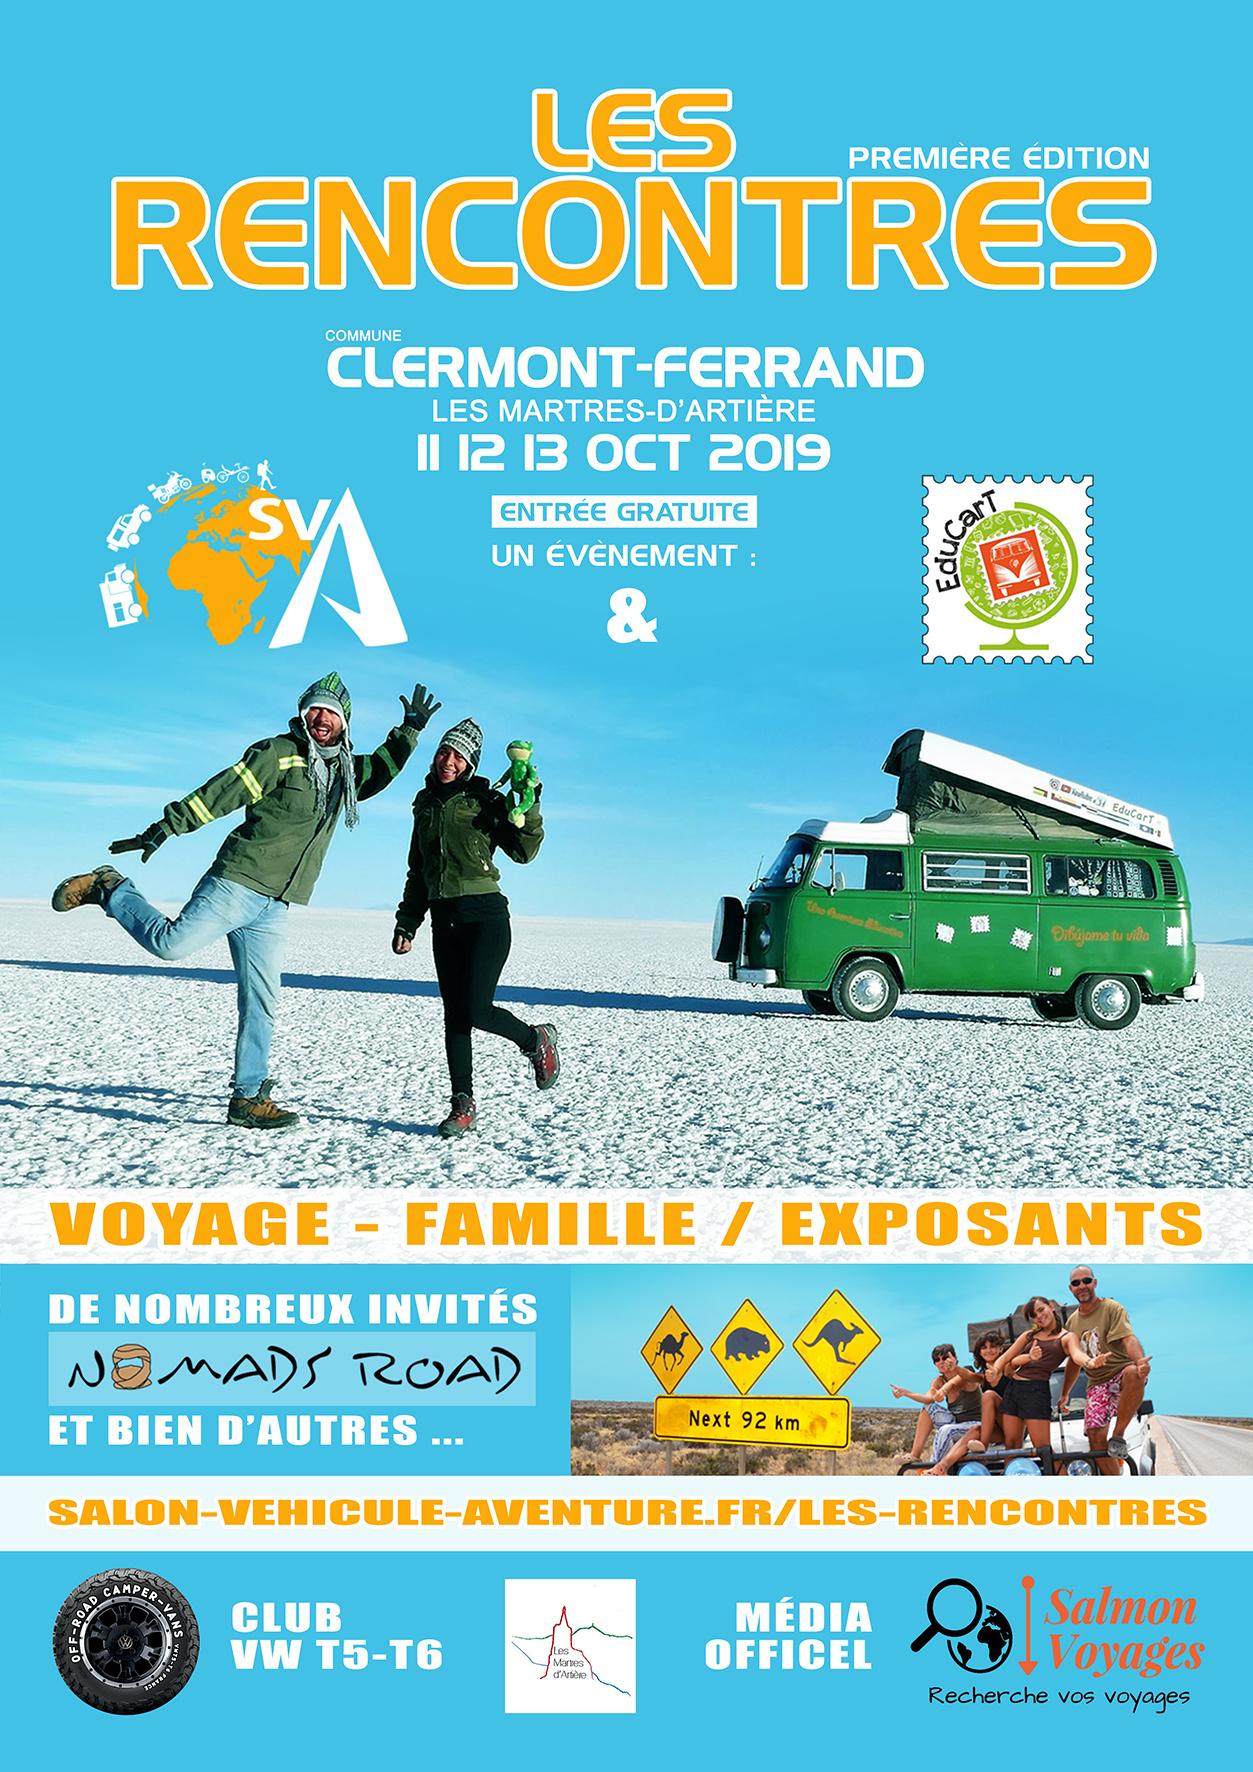 LES RENCONTRES en Auvergne, ambiance voyage en famille ! RENC2019-affiche-web-auvergne